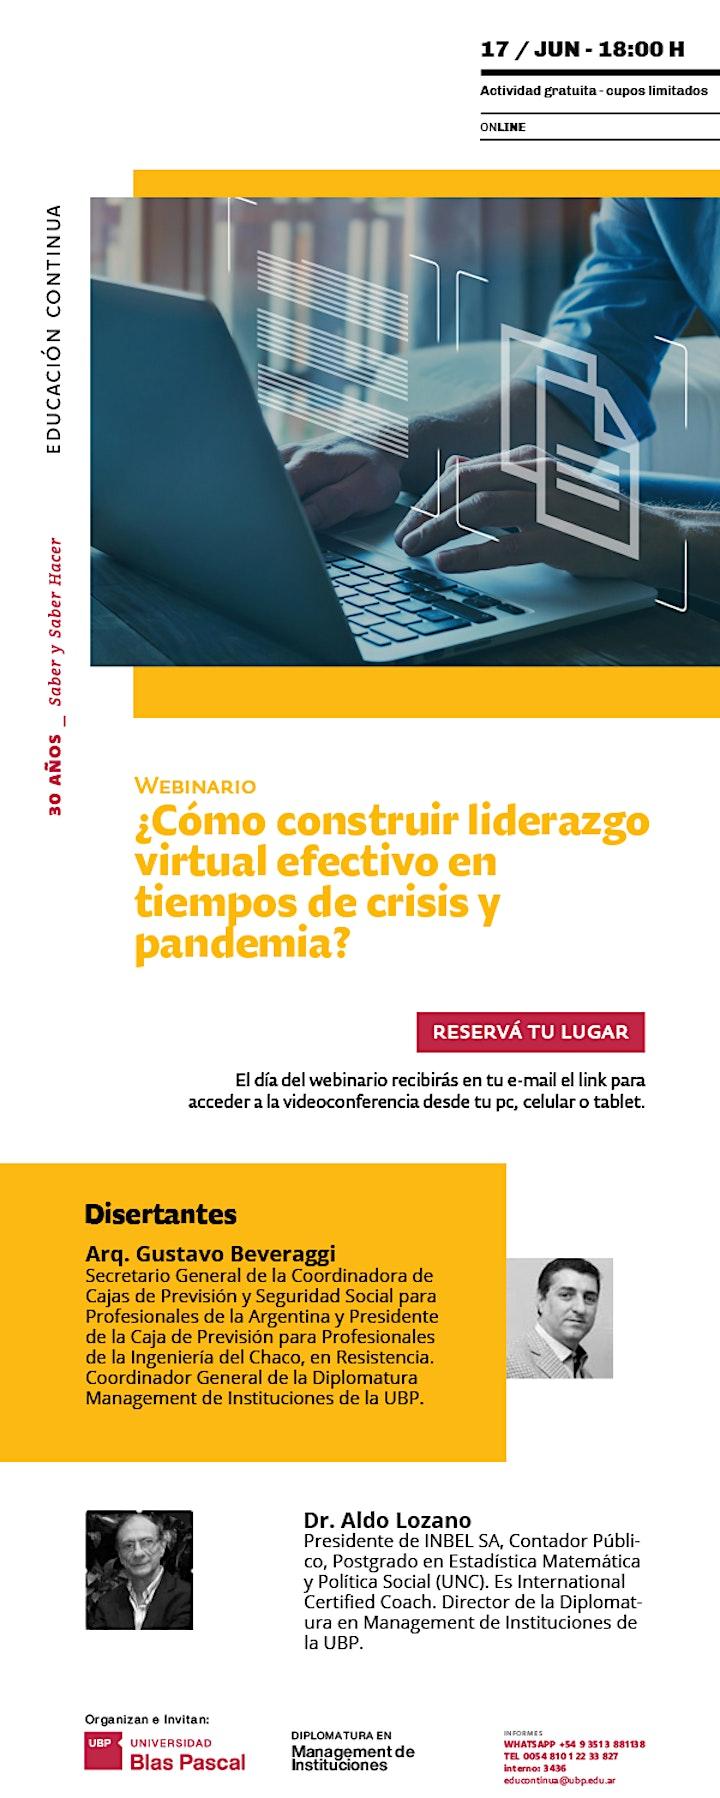 Imagen de Webinario>¿Cómo construir liderazgo virtual efectivo en tiempos de crisis?